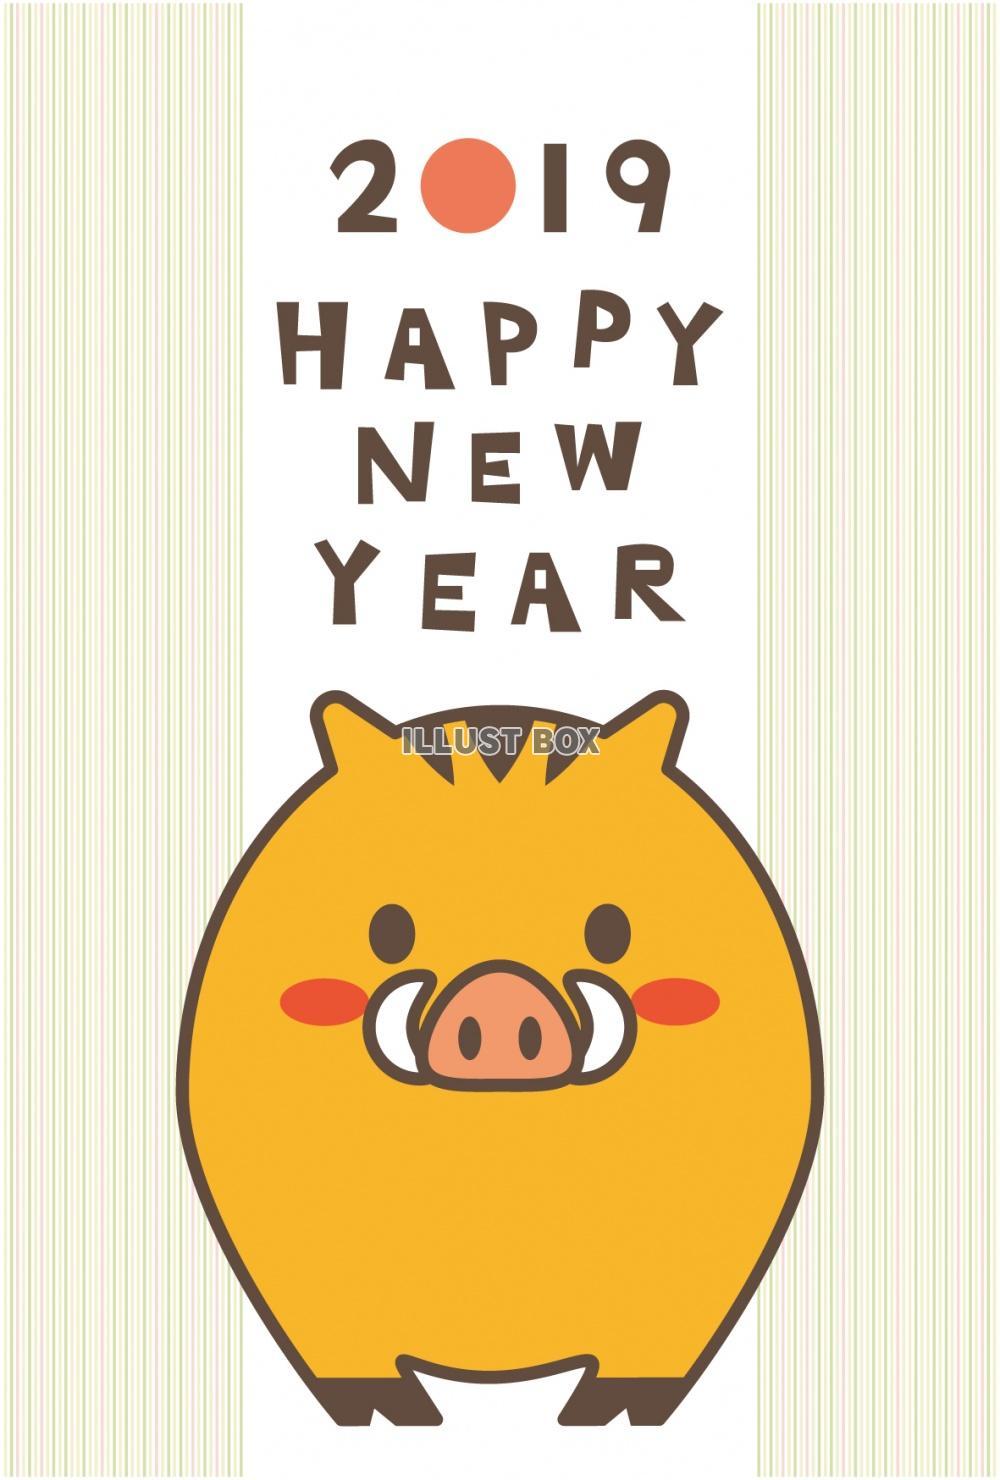 無料イラスト 2019年 年賀状 新年の挨拶をするイノシシ